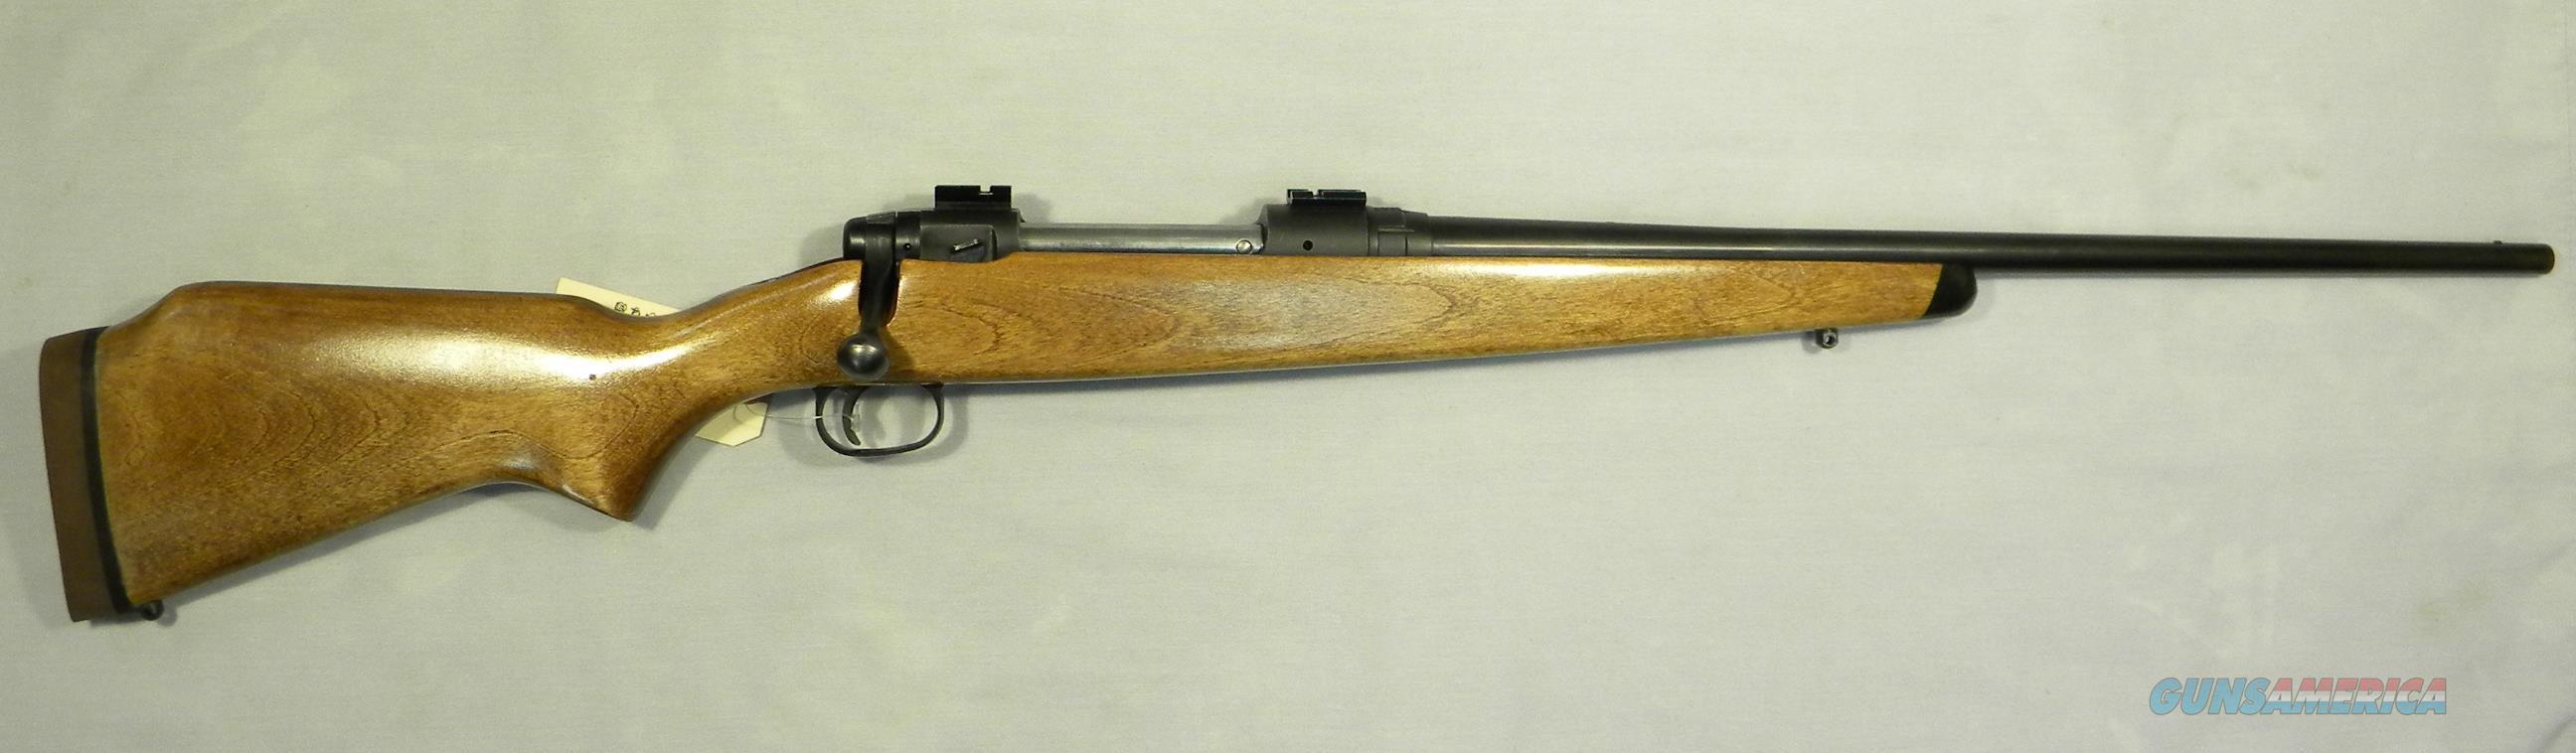 270 savage wood stock